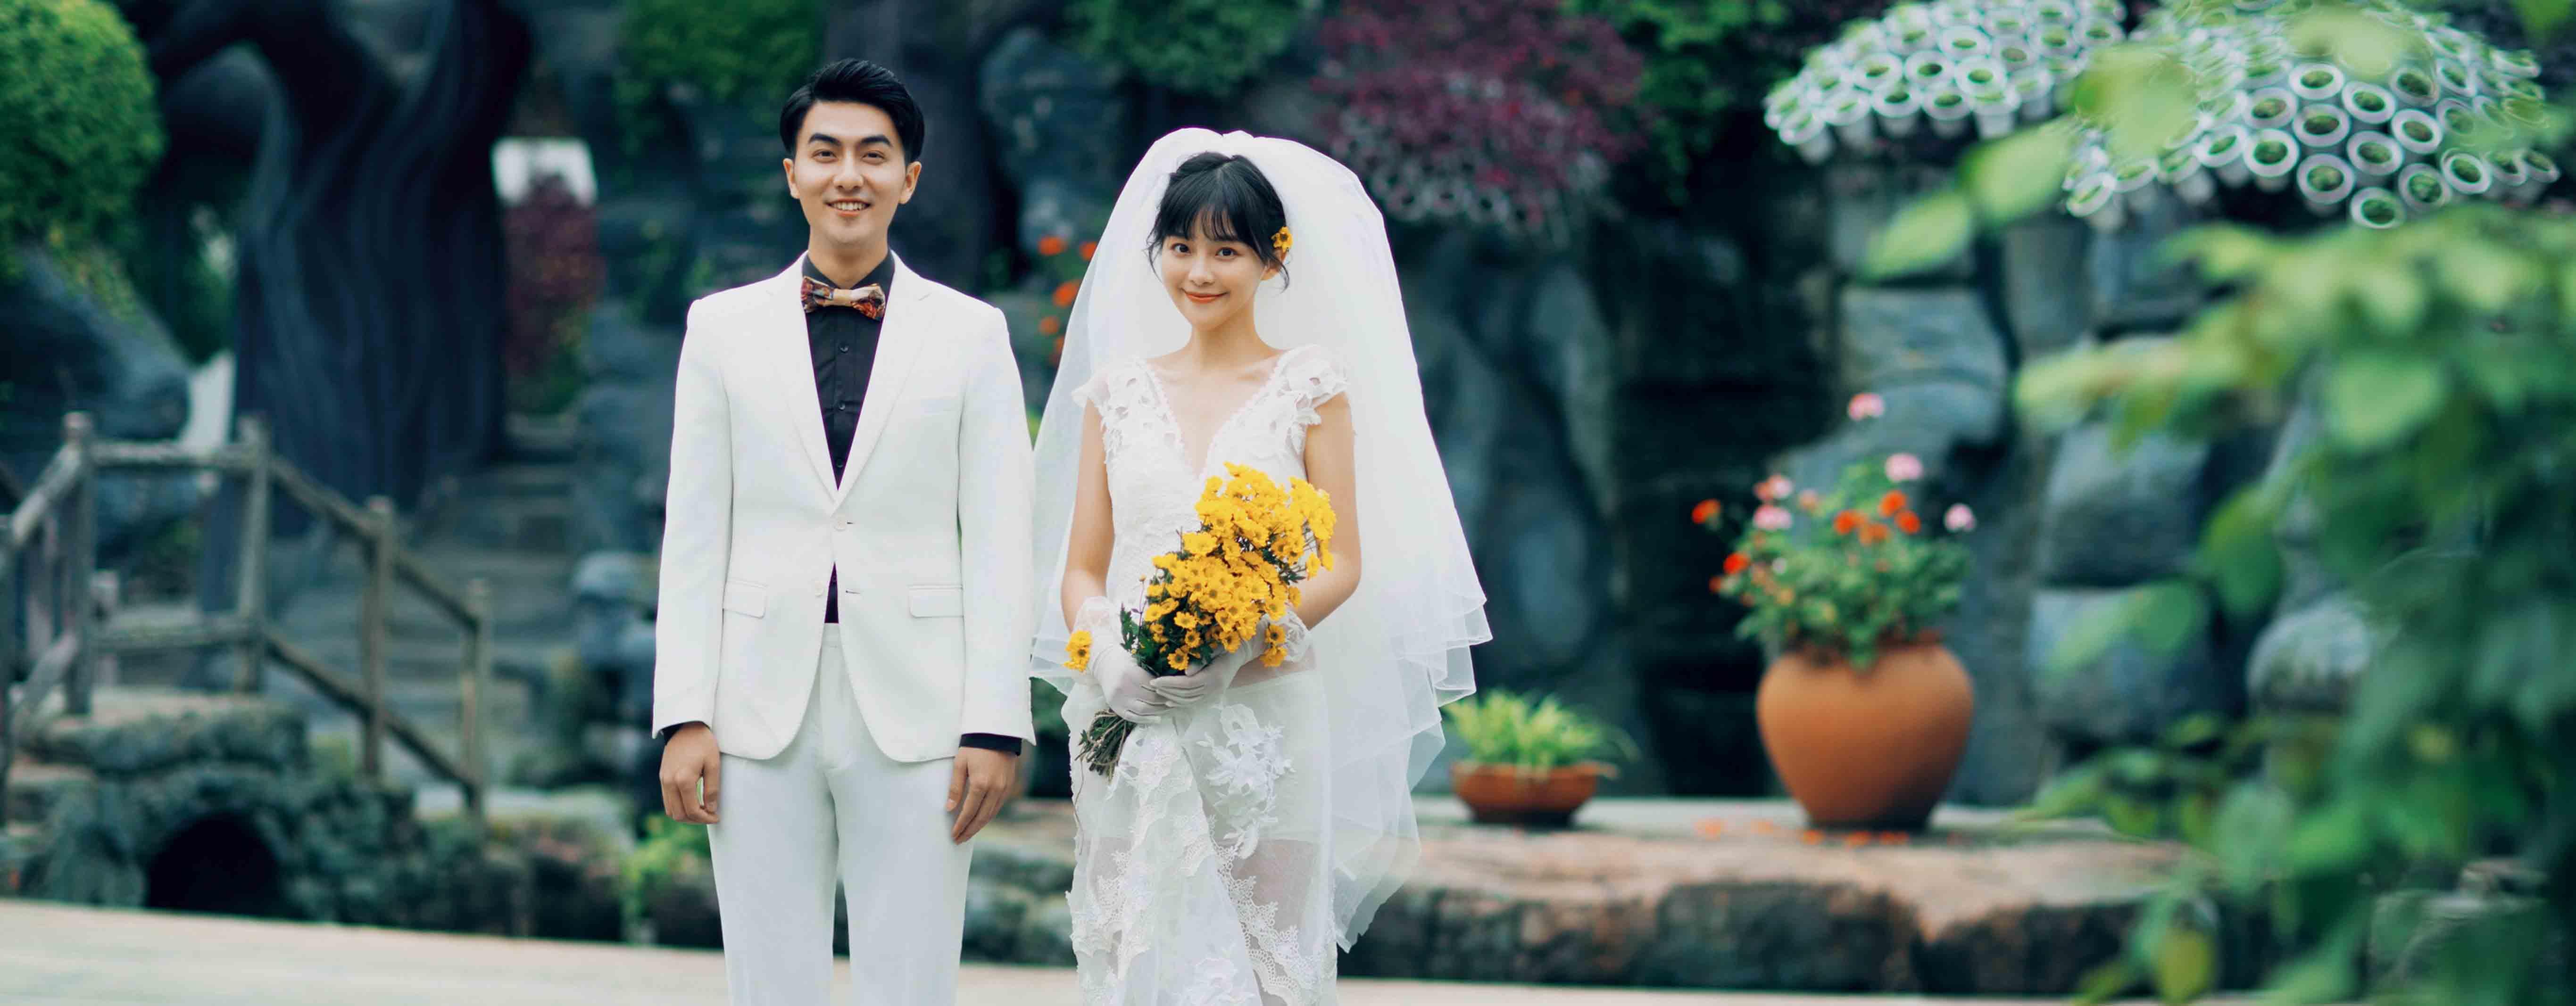 太原婚纱照哪家拍的好